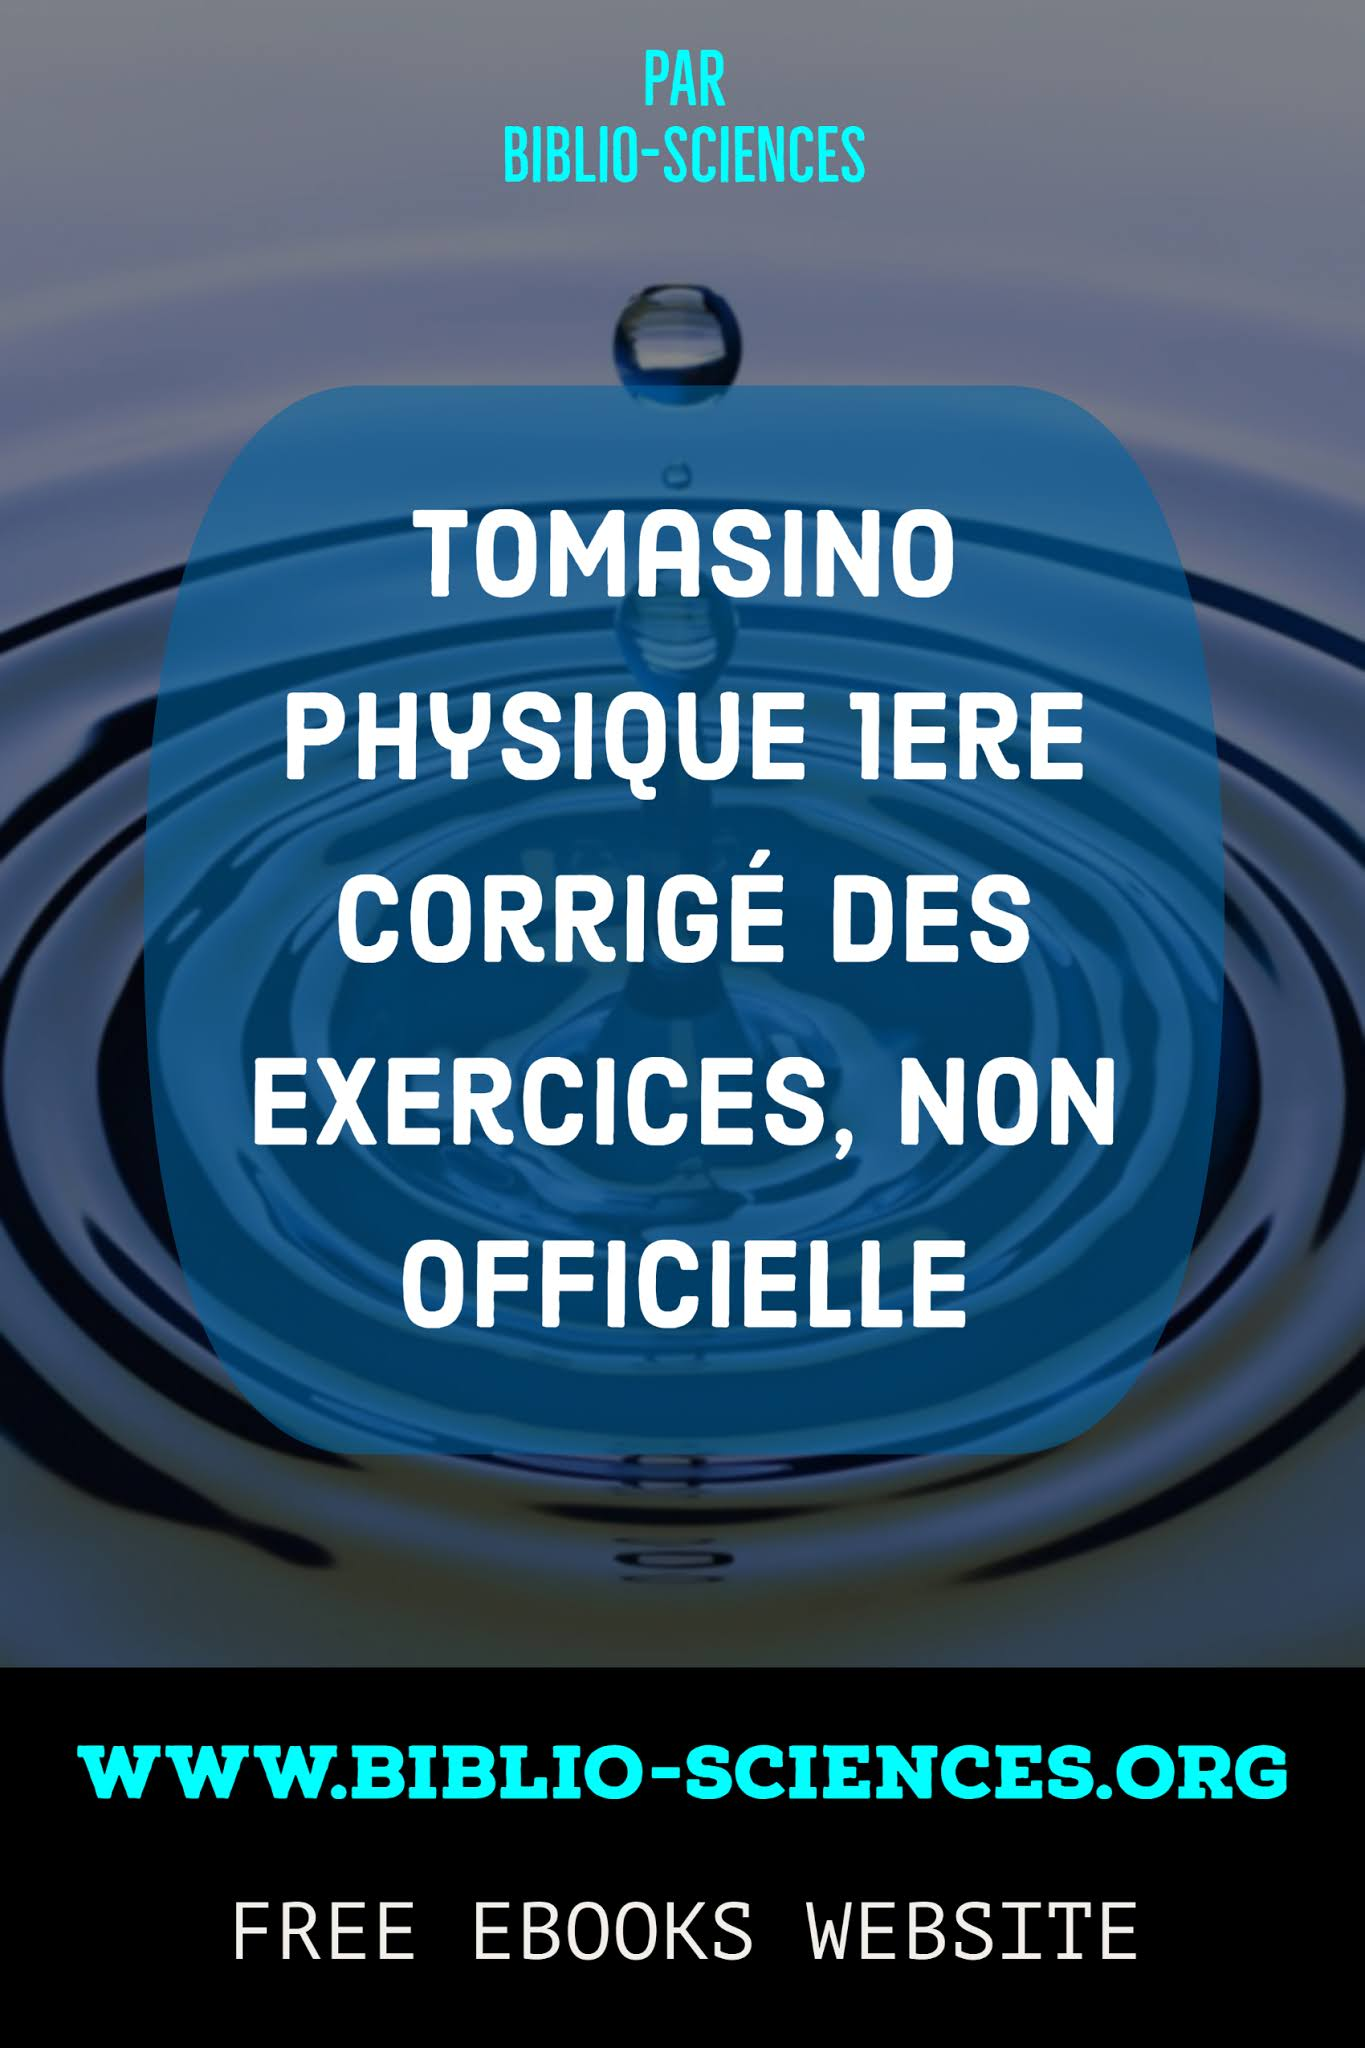 Tomasino Physique Premiere 1ere Corrige Des Exercices Non Officielle Biblio Sciences